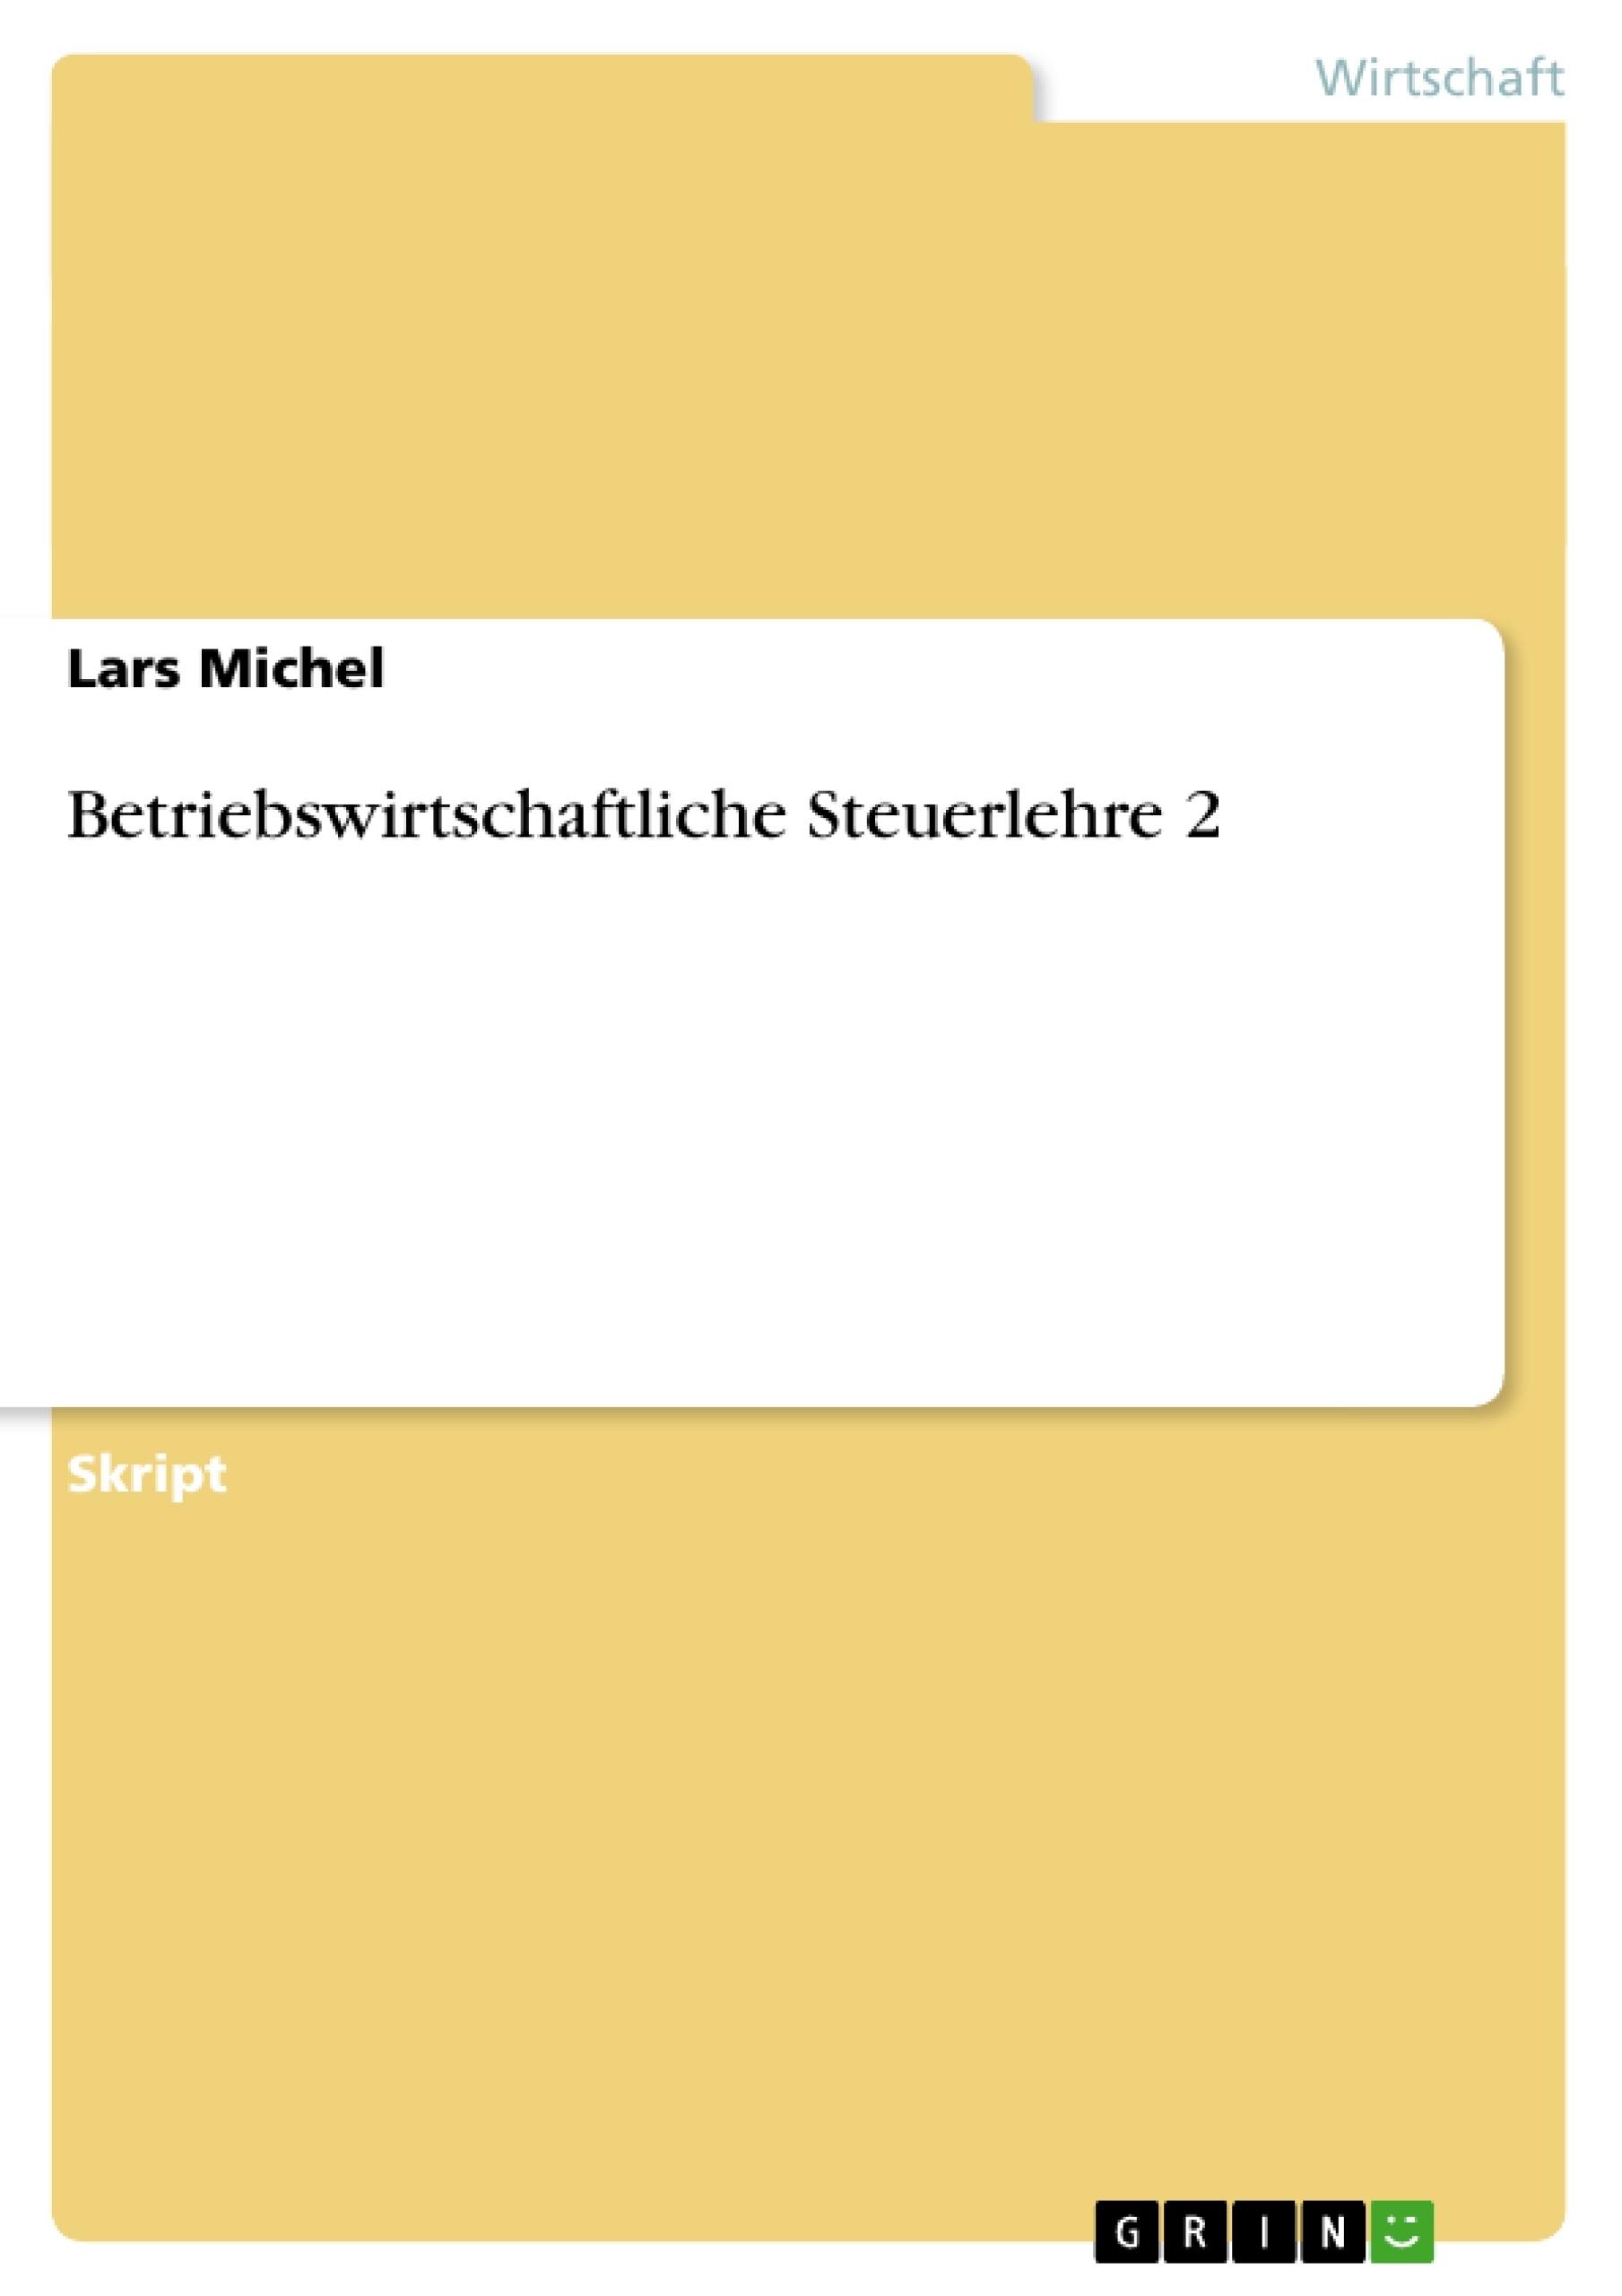 Titel: Betriebswirtschaftliche Steuerlehre 2